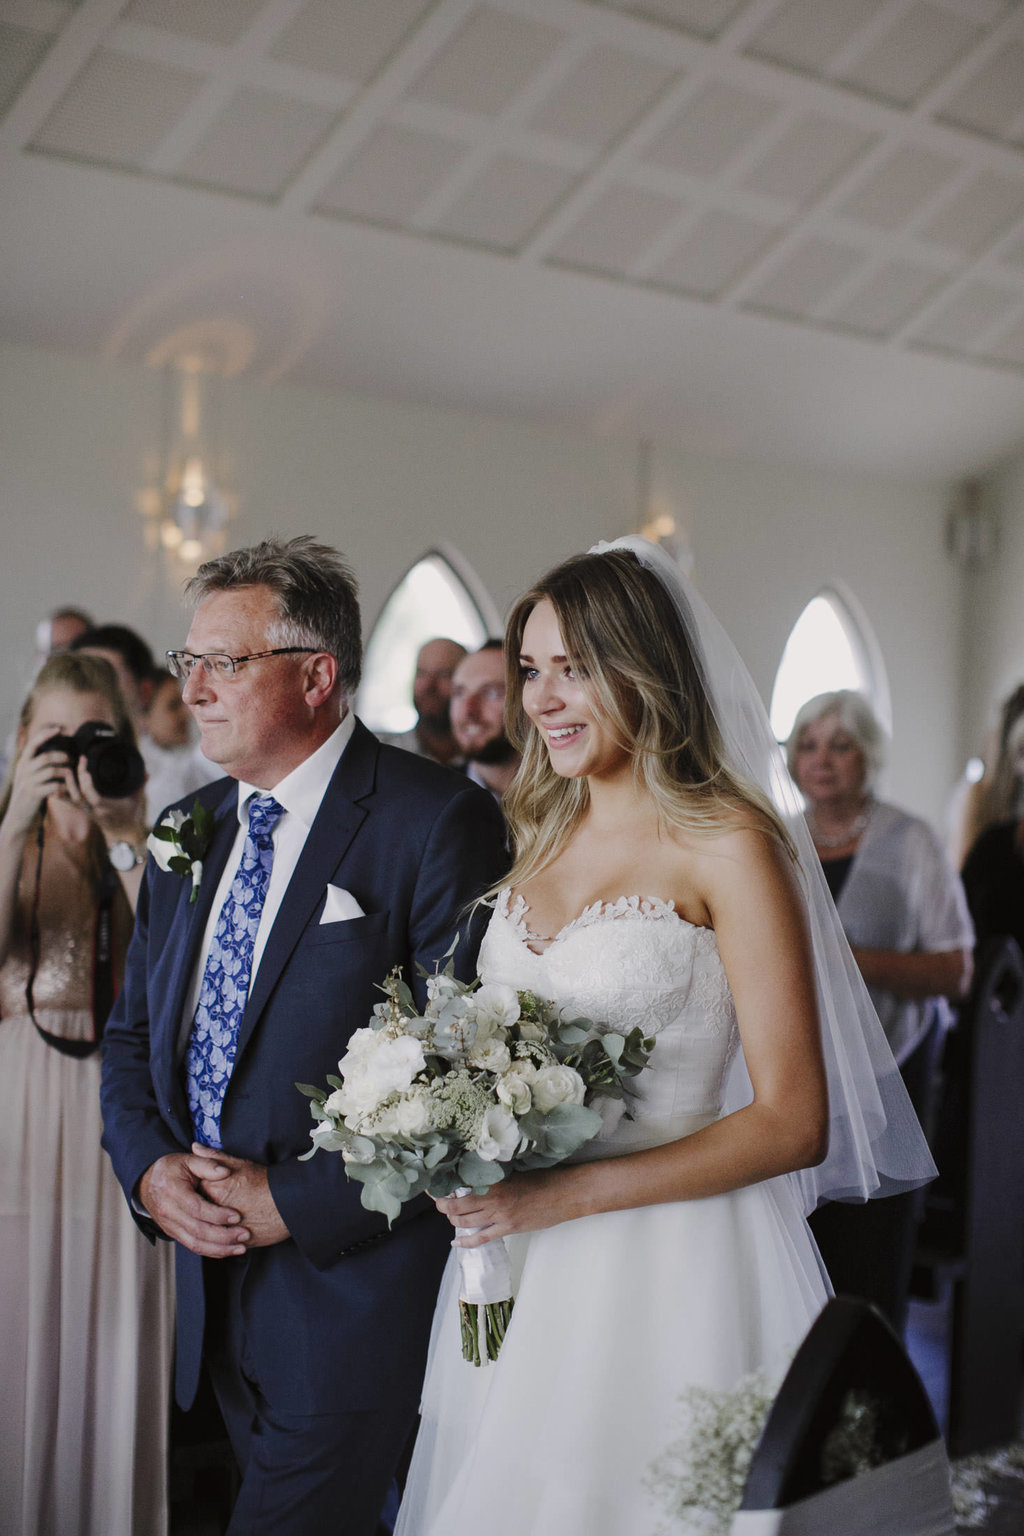 170211_justinaaron_wedding_grace_hayden_h-56.jpg